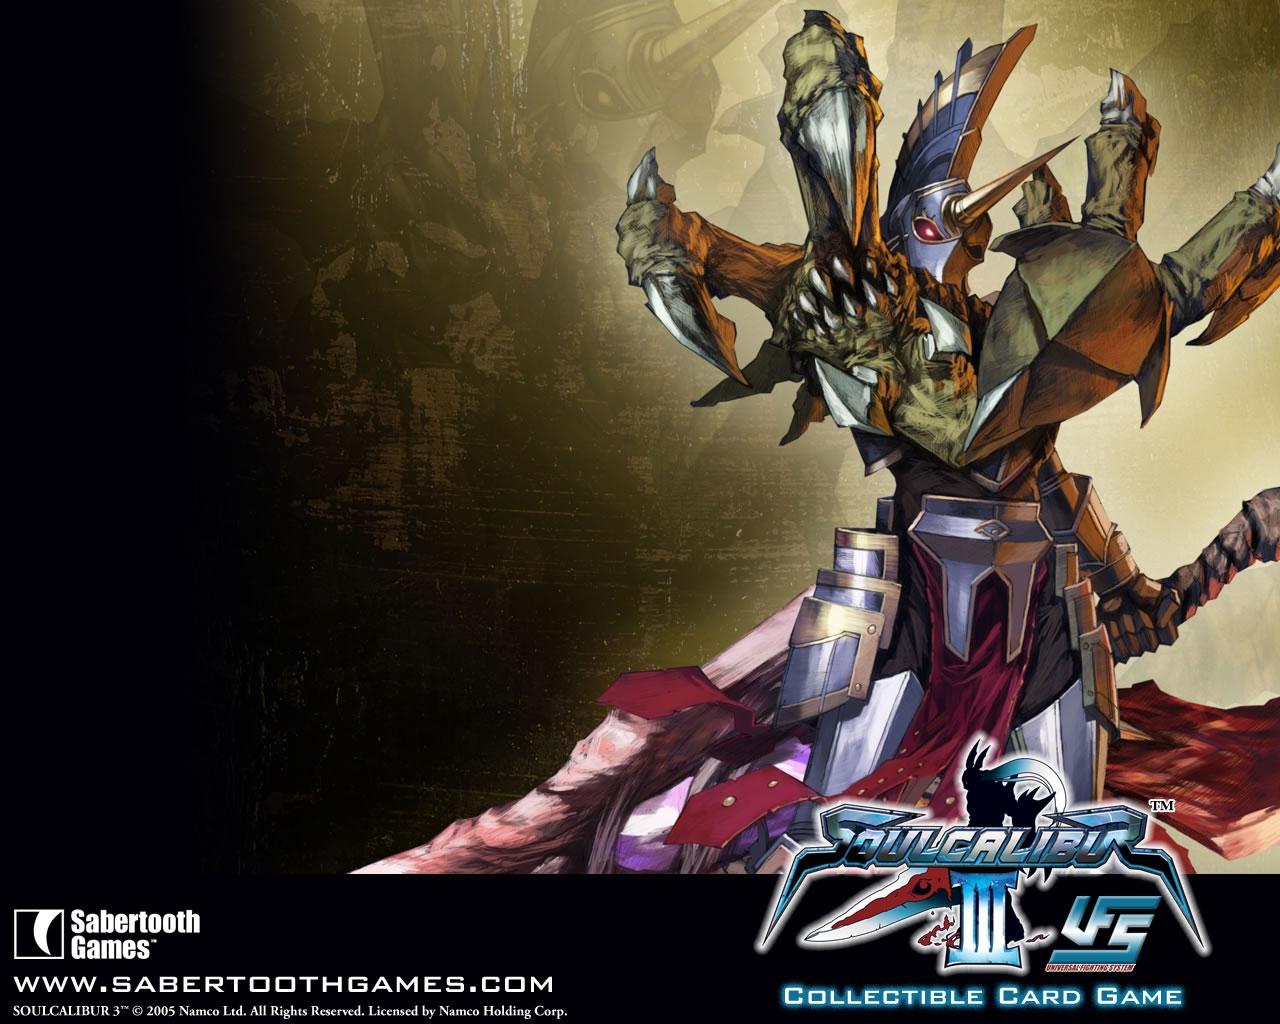 Fighting Wallpaper Hd Nightmare Soul Calibur